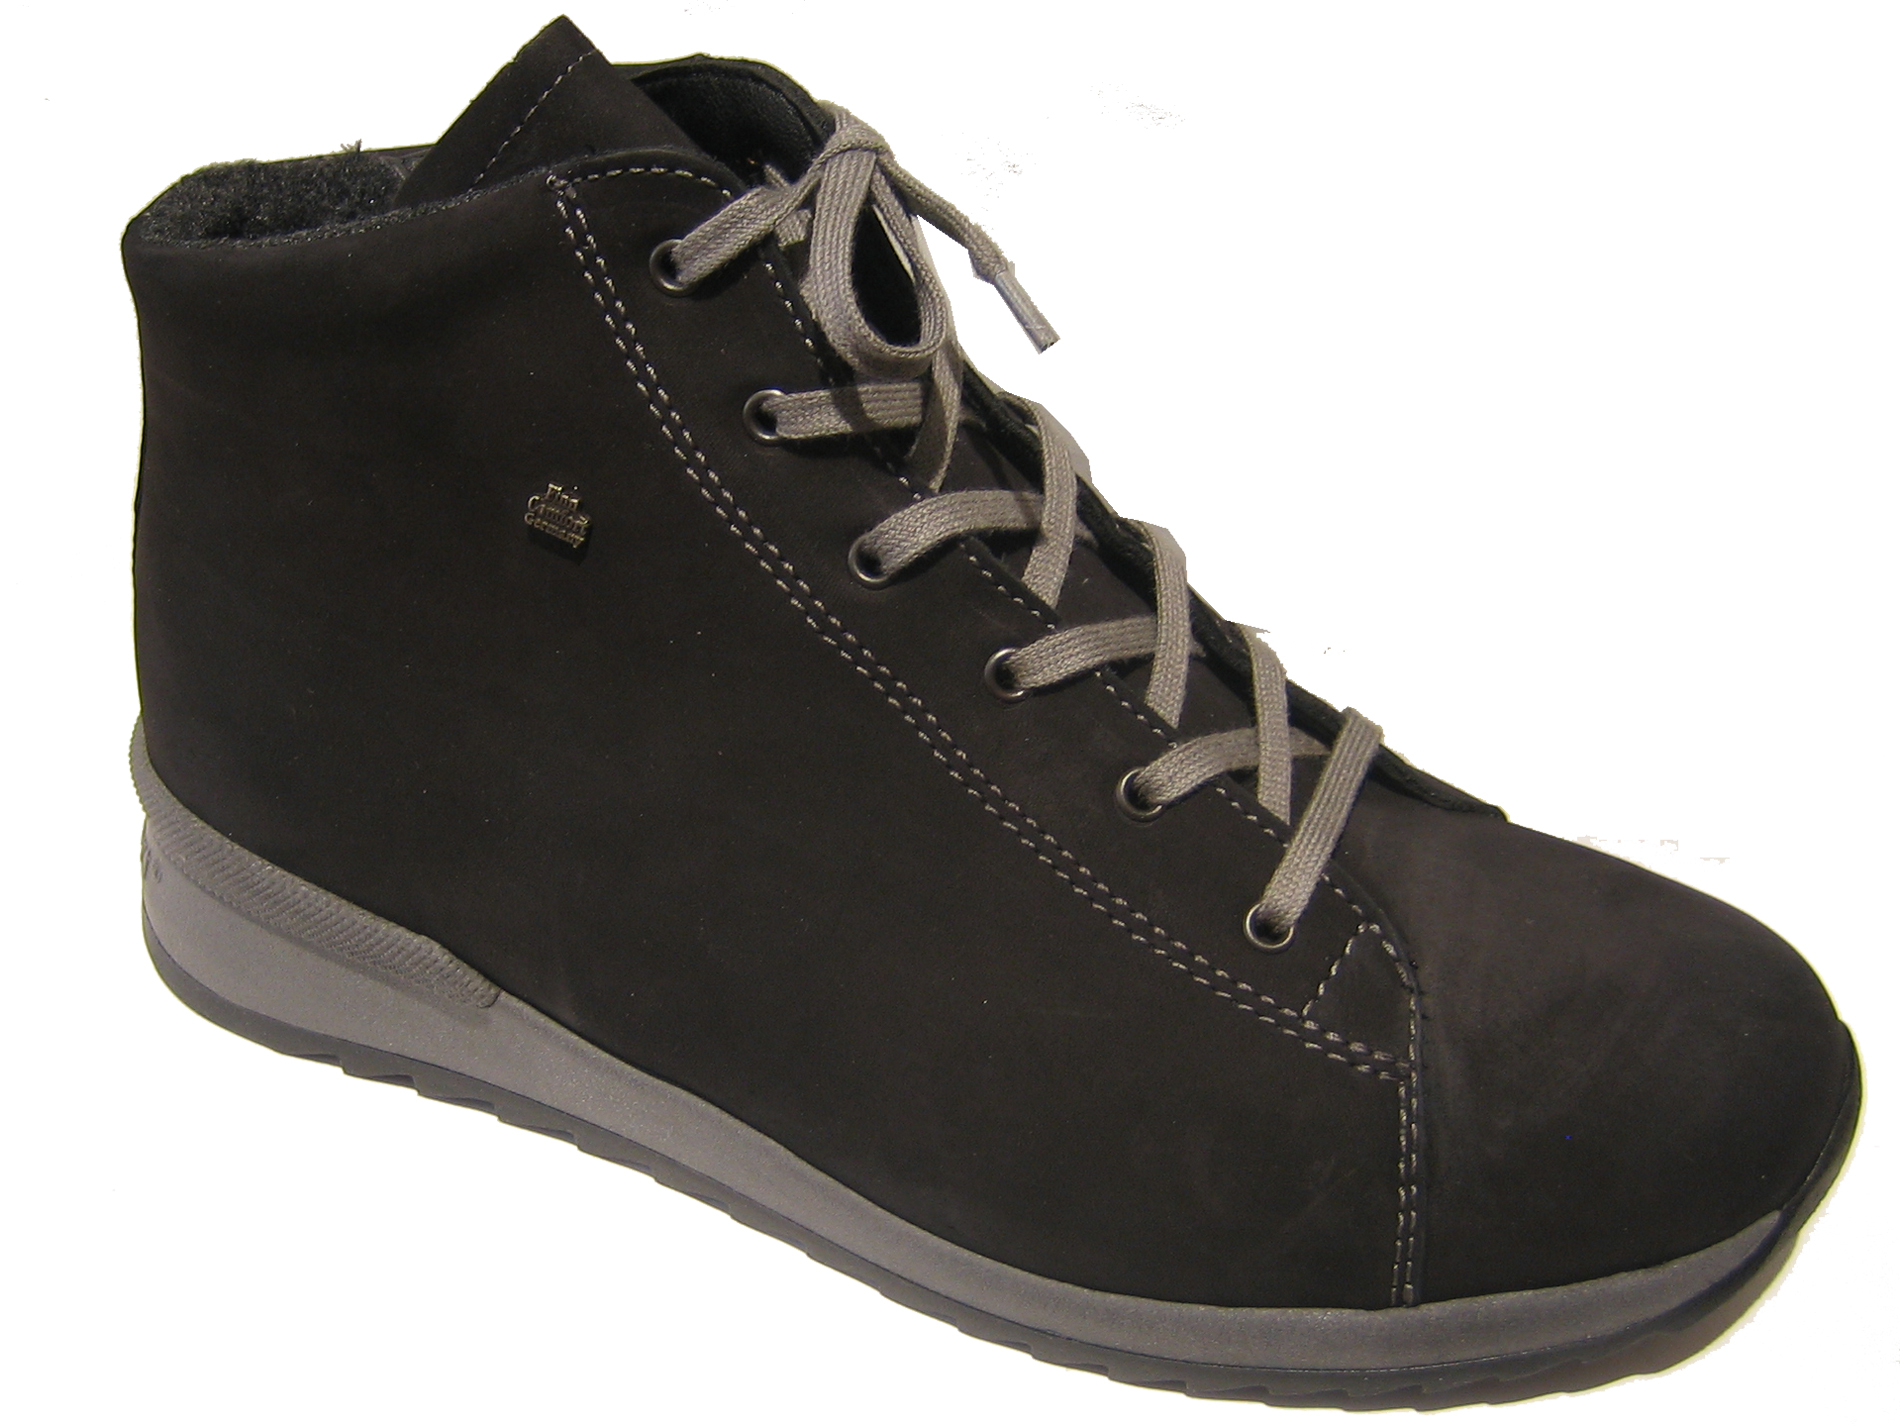 Schuhe Schnürhalbschuhe: Produkte von FINNCOMFORT online